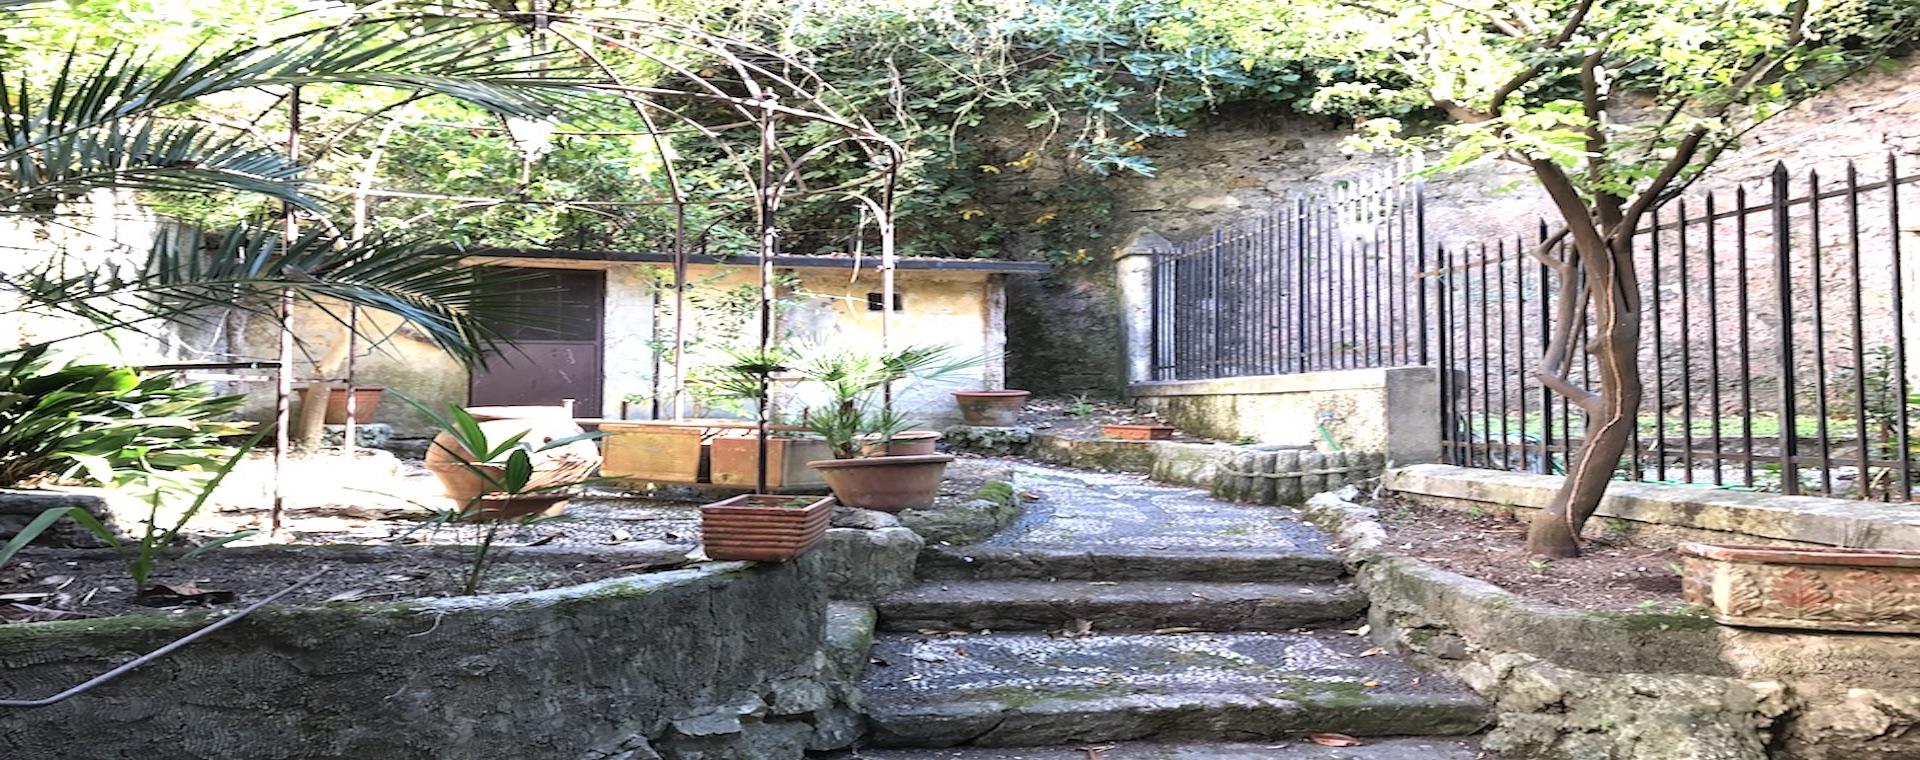 Vendita bilocale con giardino genova albaro immobiliare scopaz - Il giardino di albaro ...